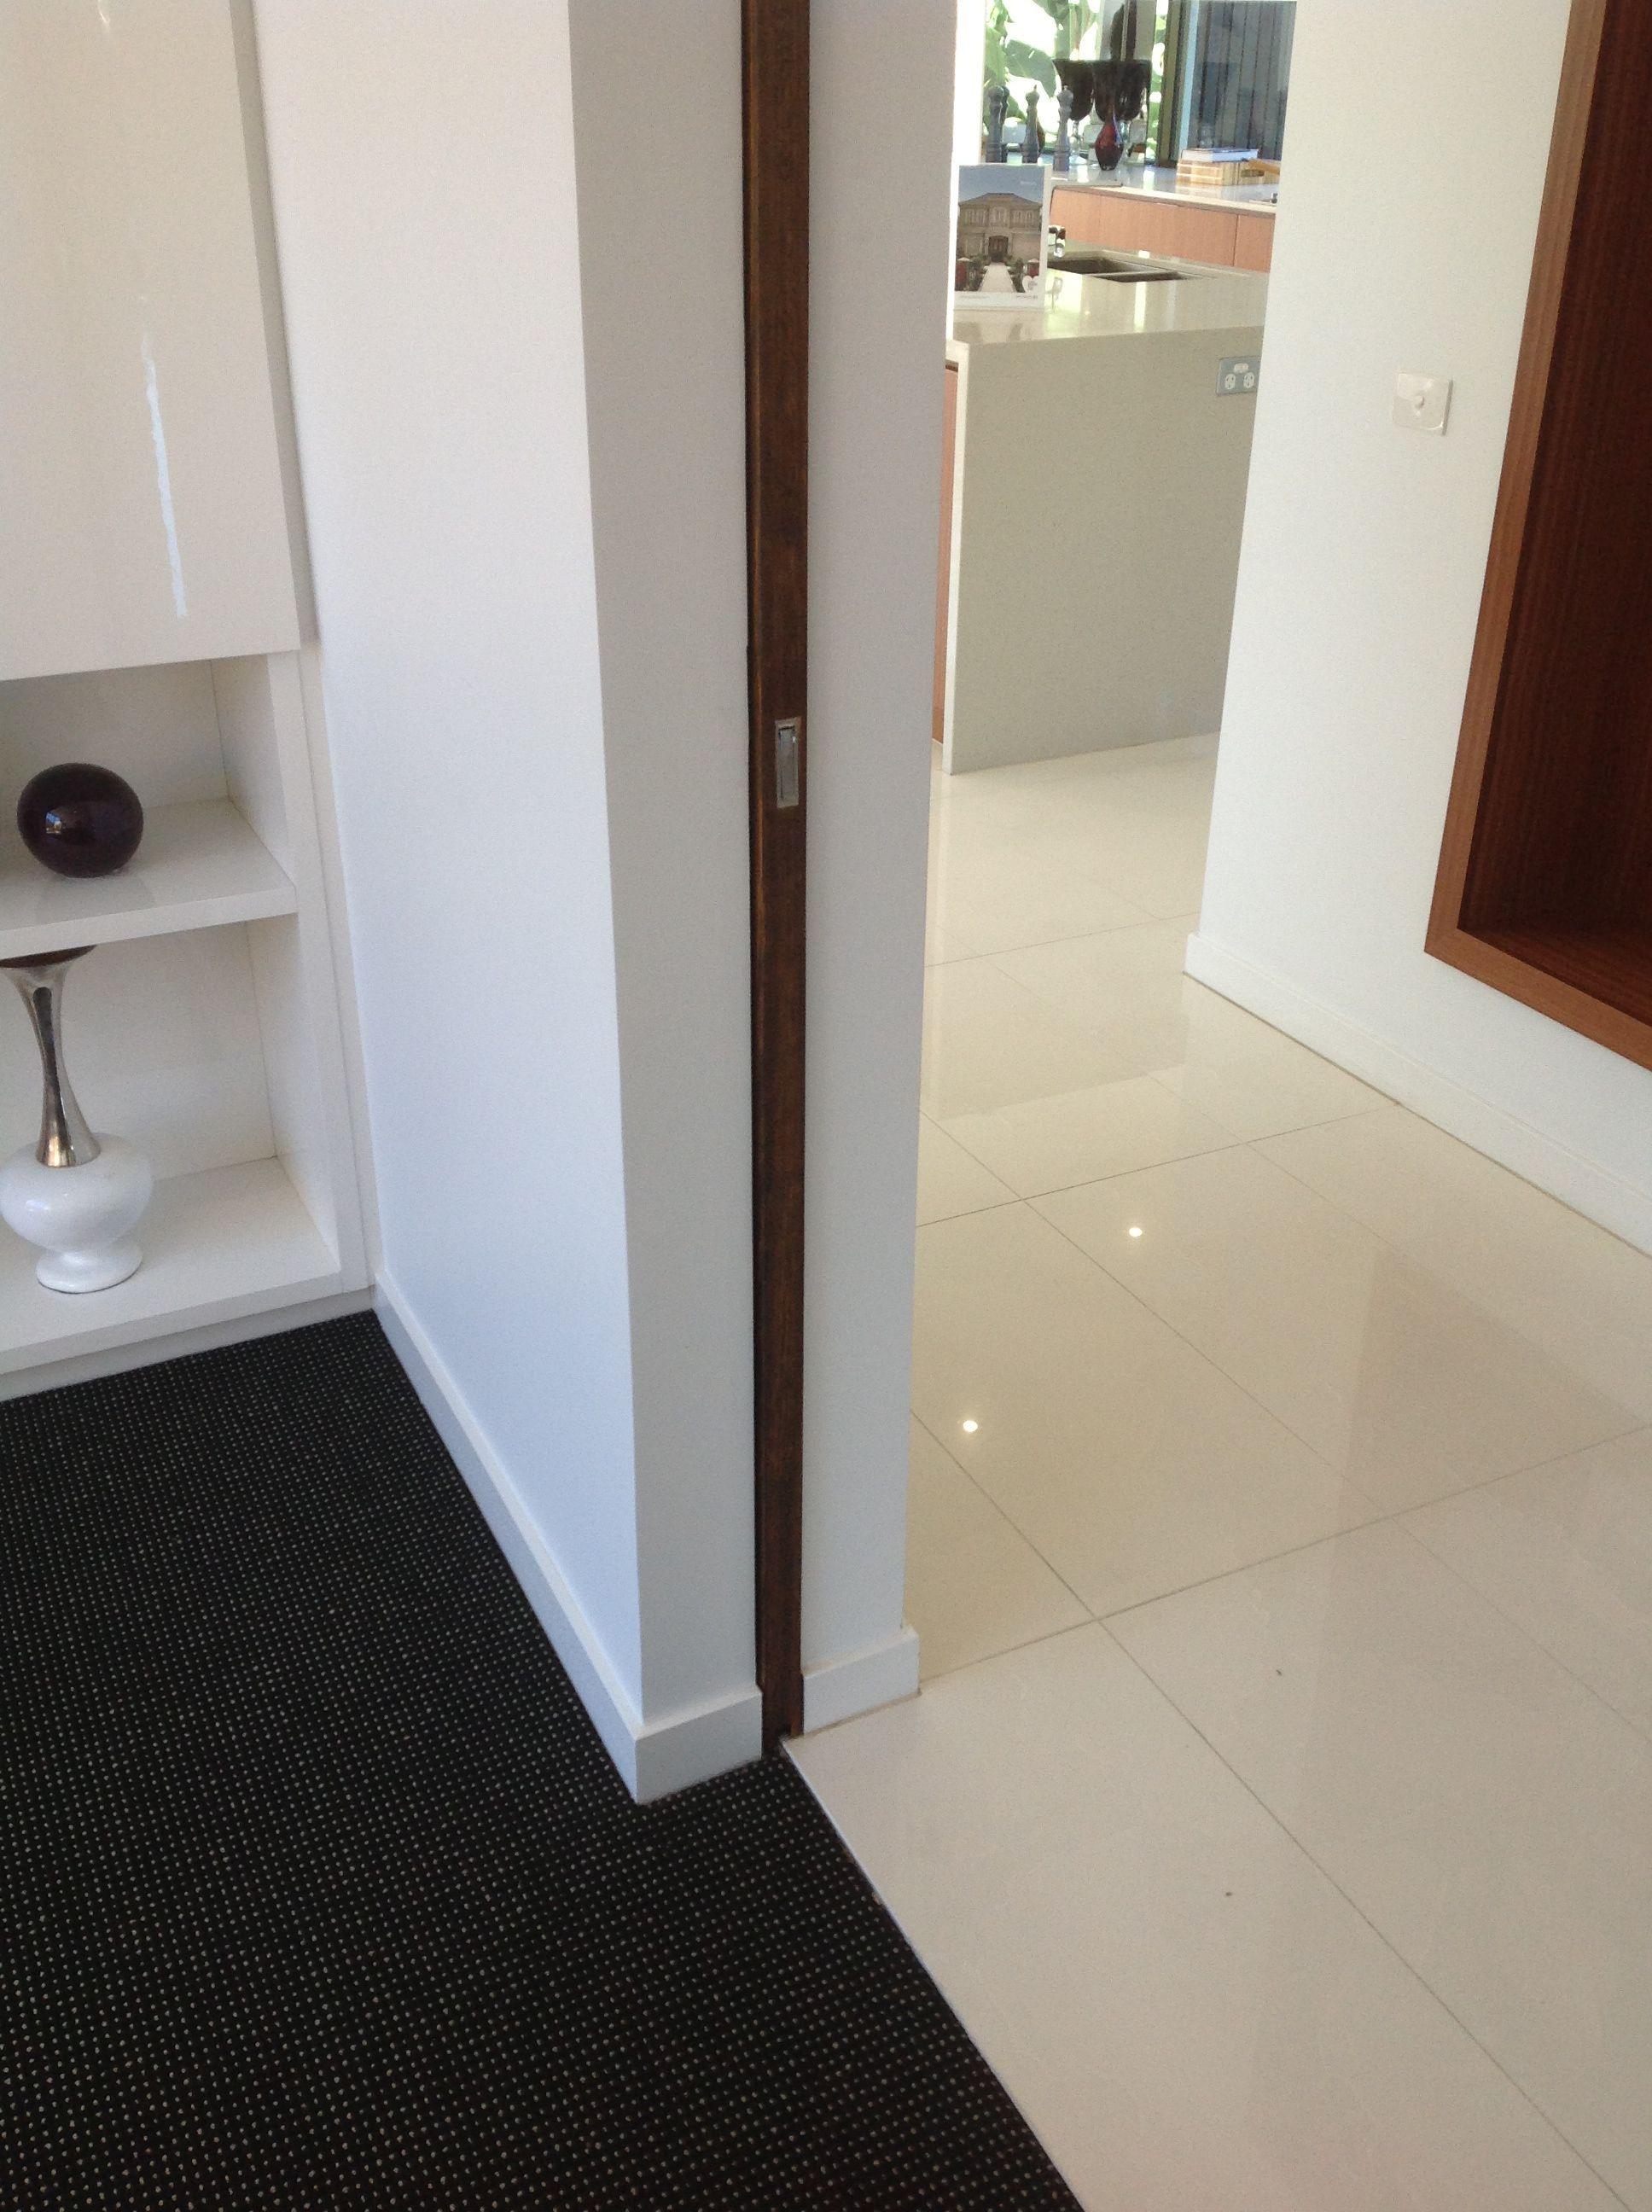 Sliding doors and tight knit carpet roomdividerideasbookshelves